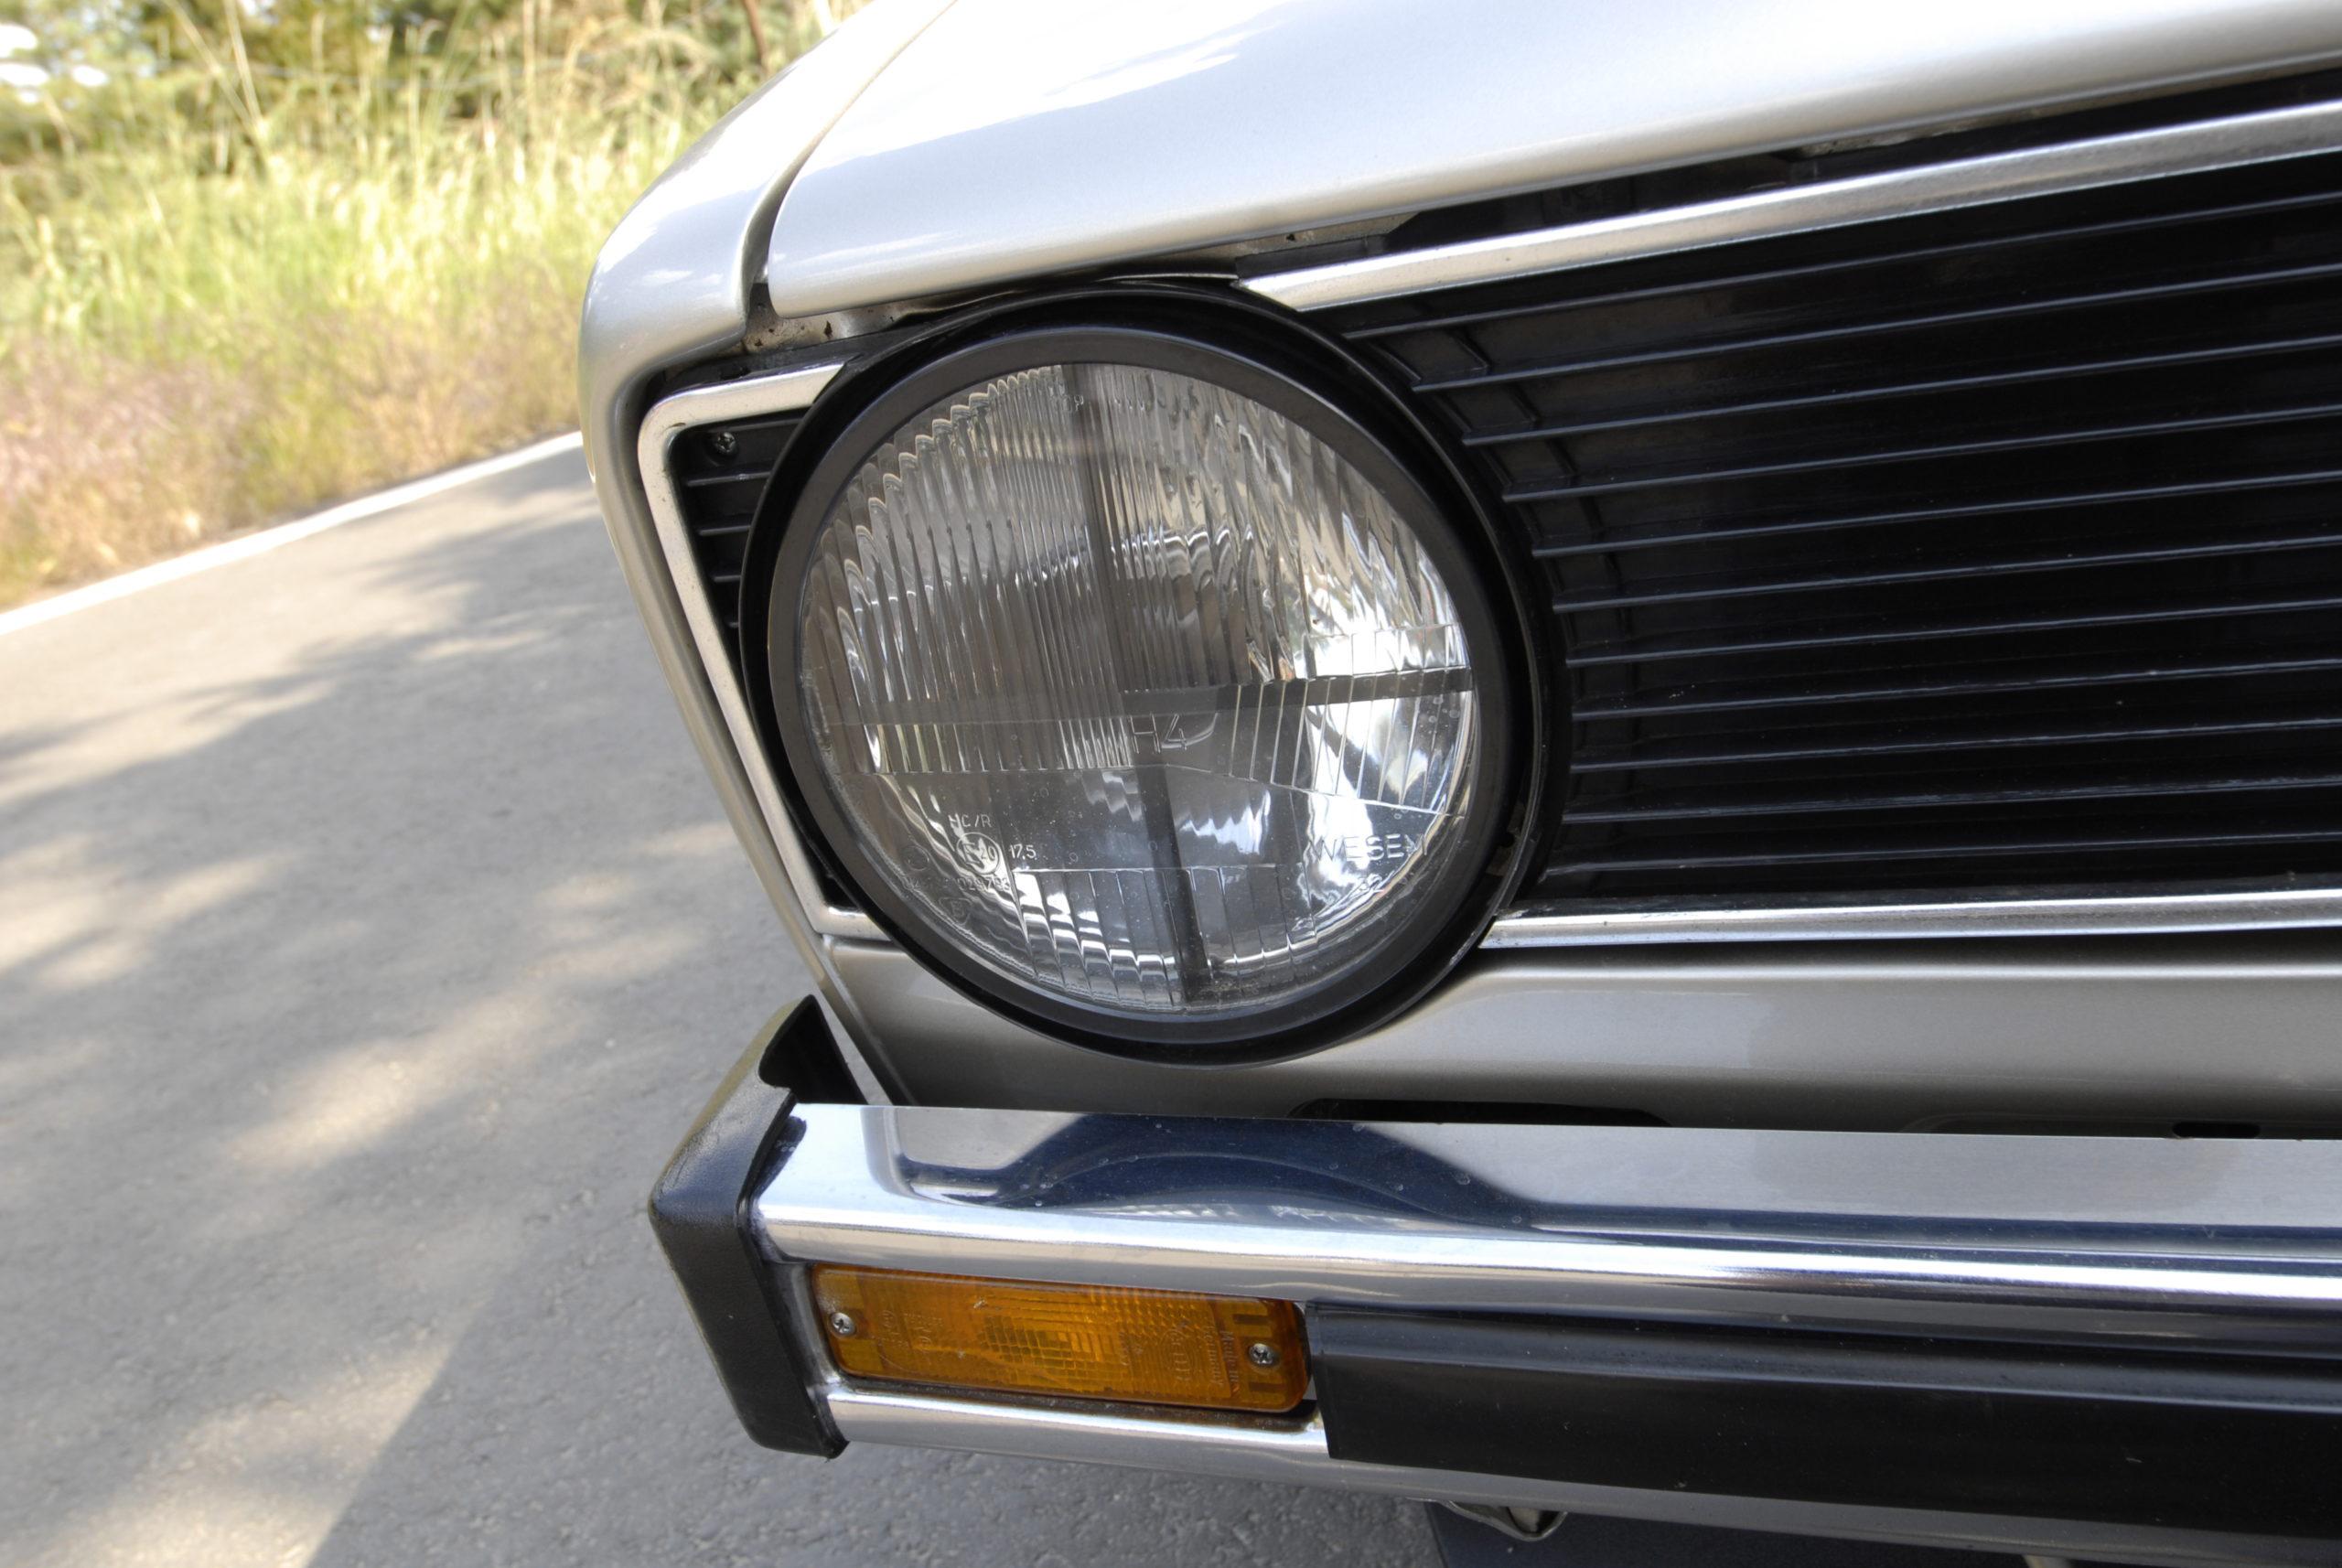 Tuning-VW-Golf-Mk1-CL-przedni reflektor z tzw. krzyżem